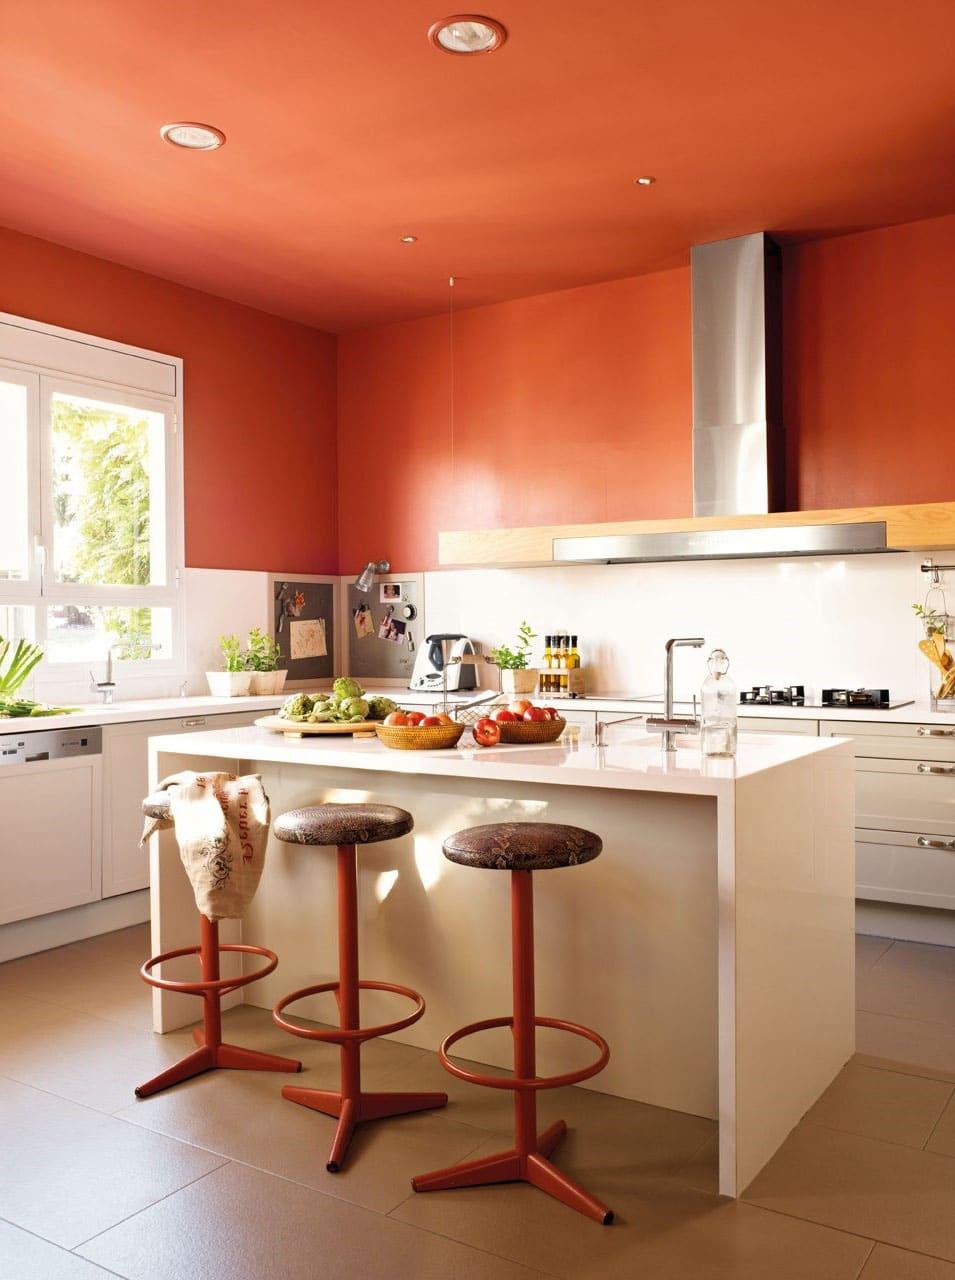 Plafond Et Mur Orange